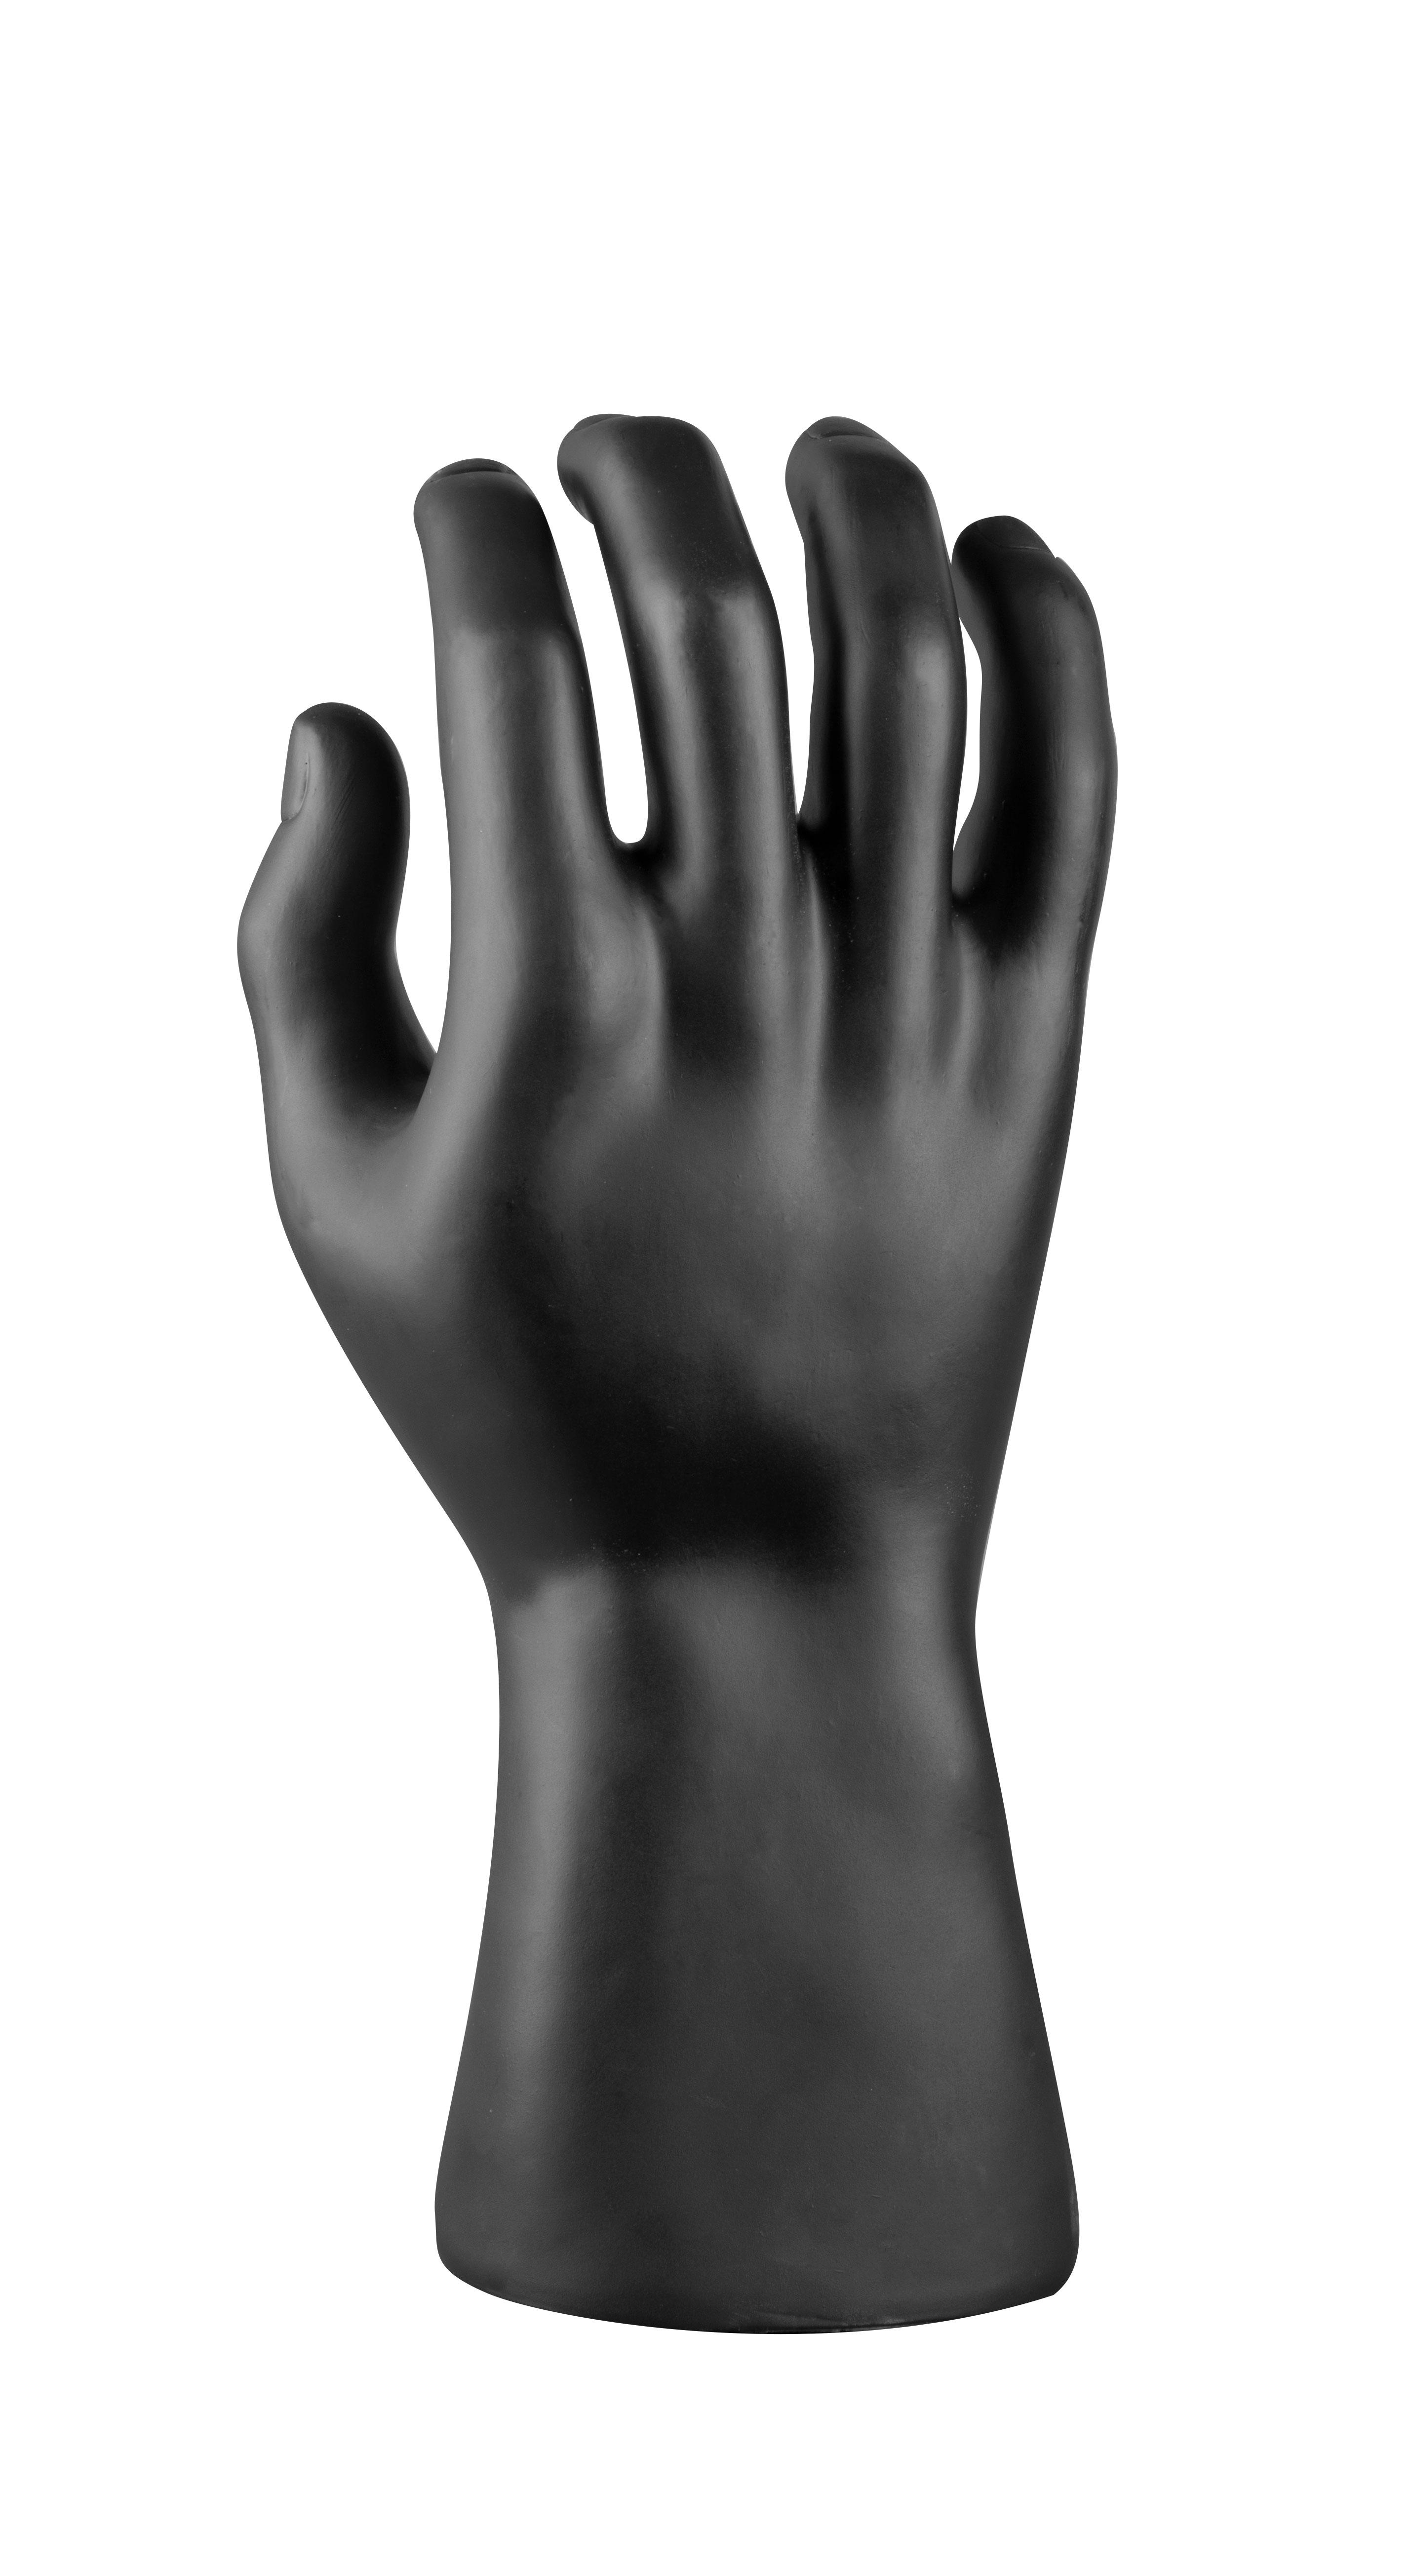 figurína - ruka, černá matná